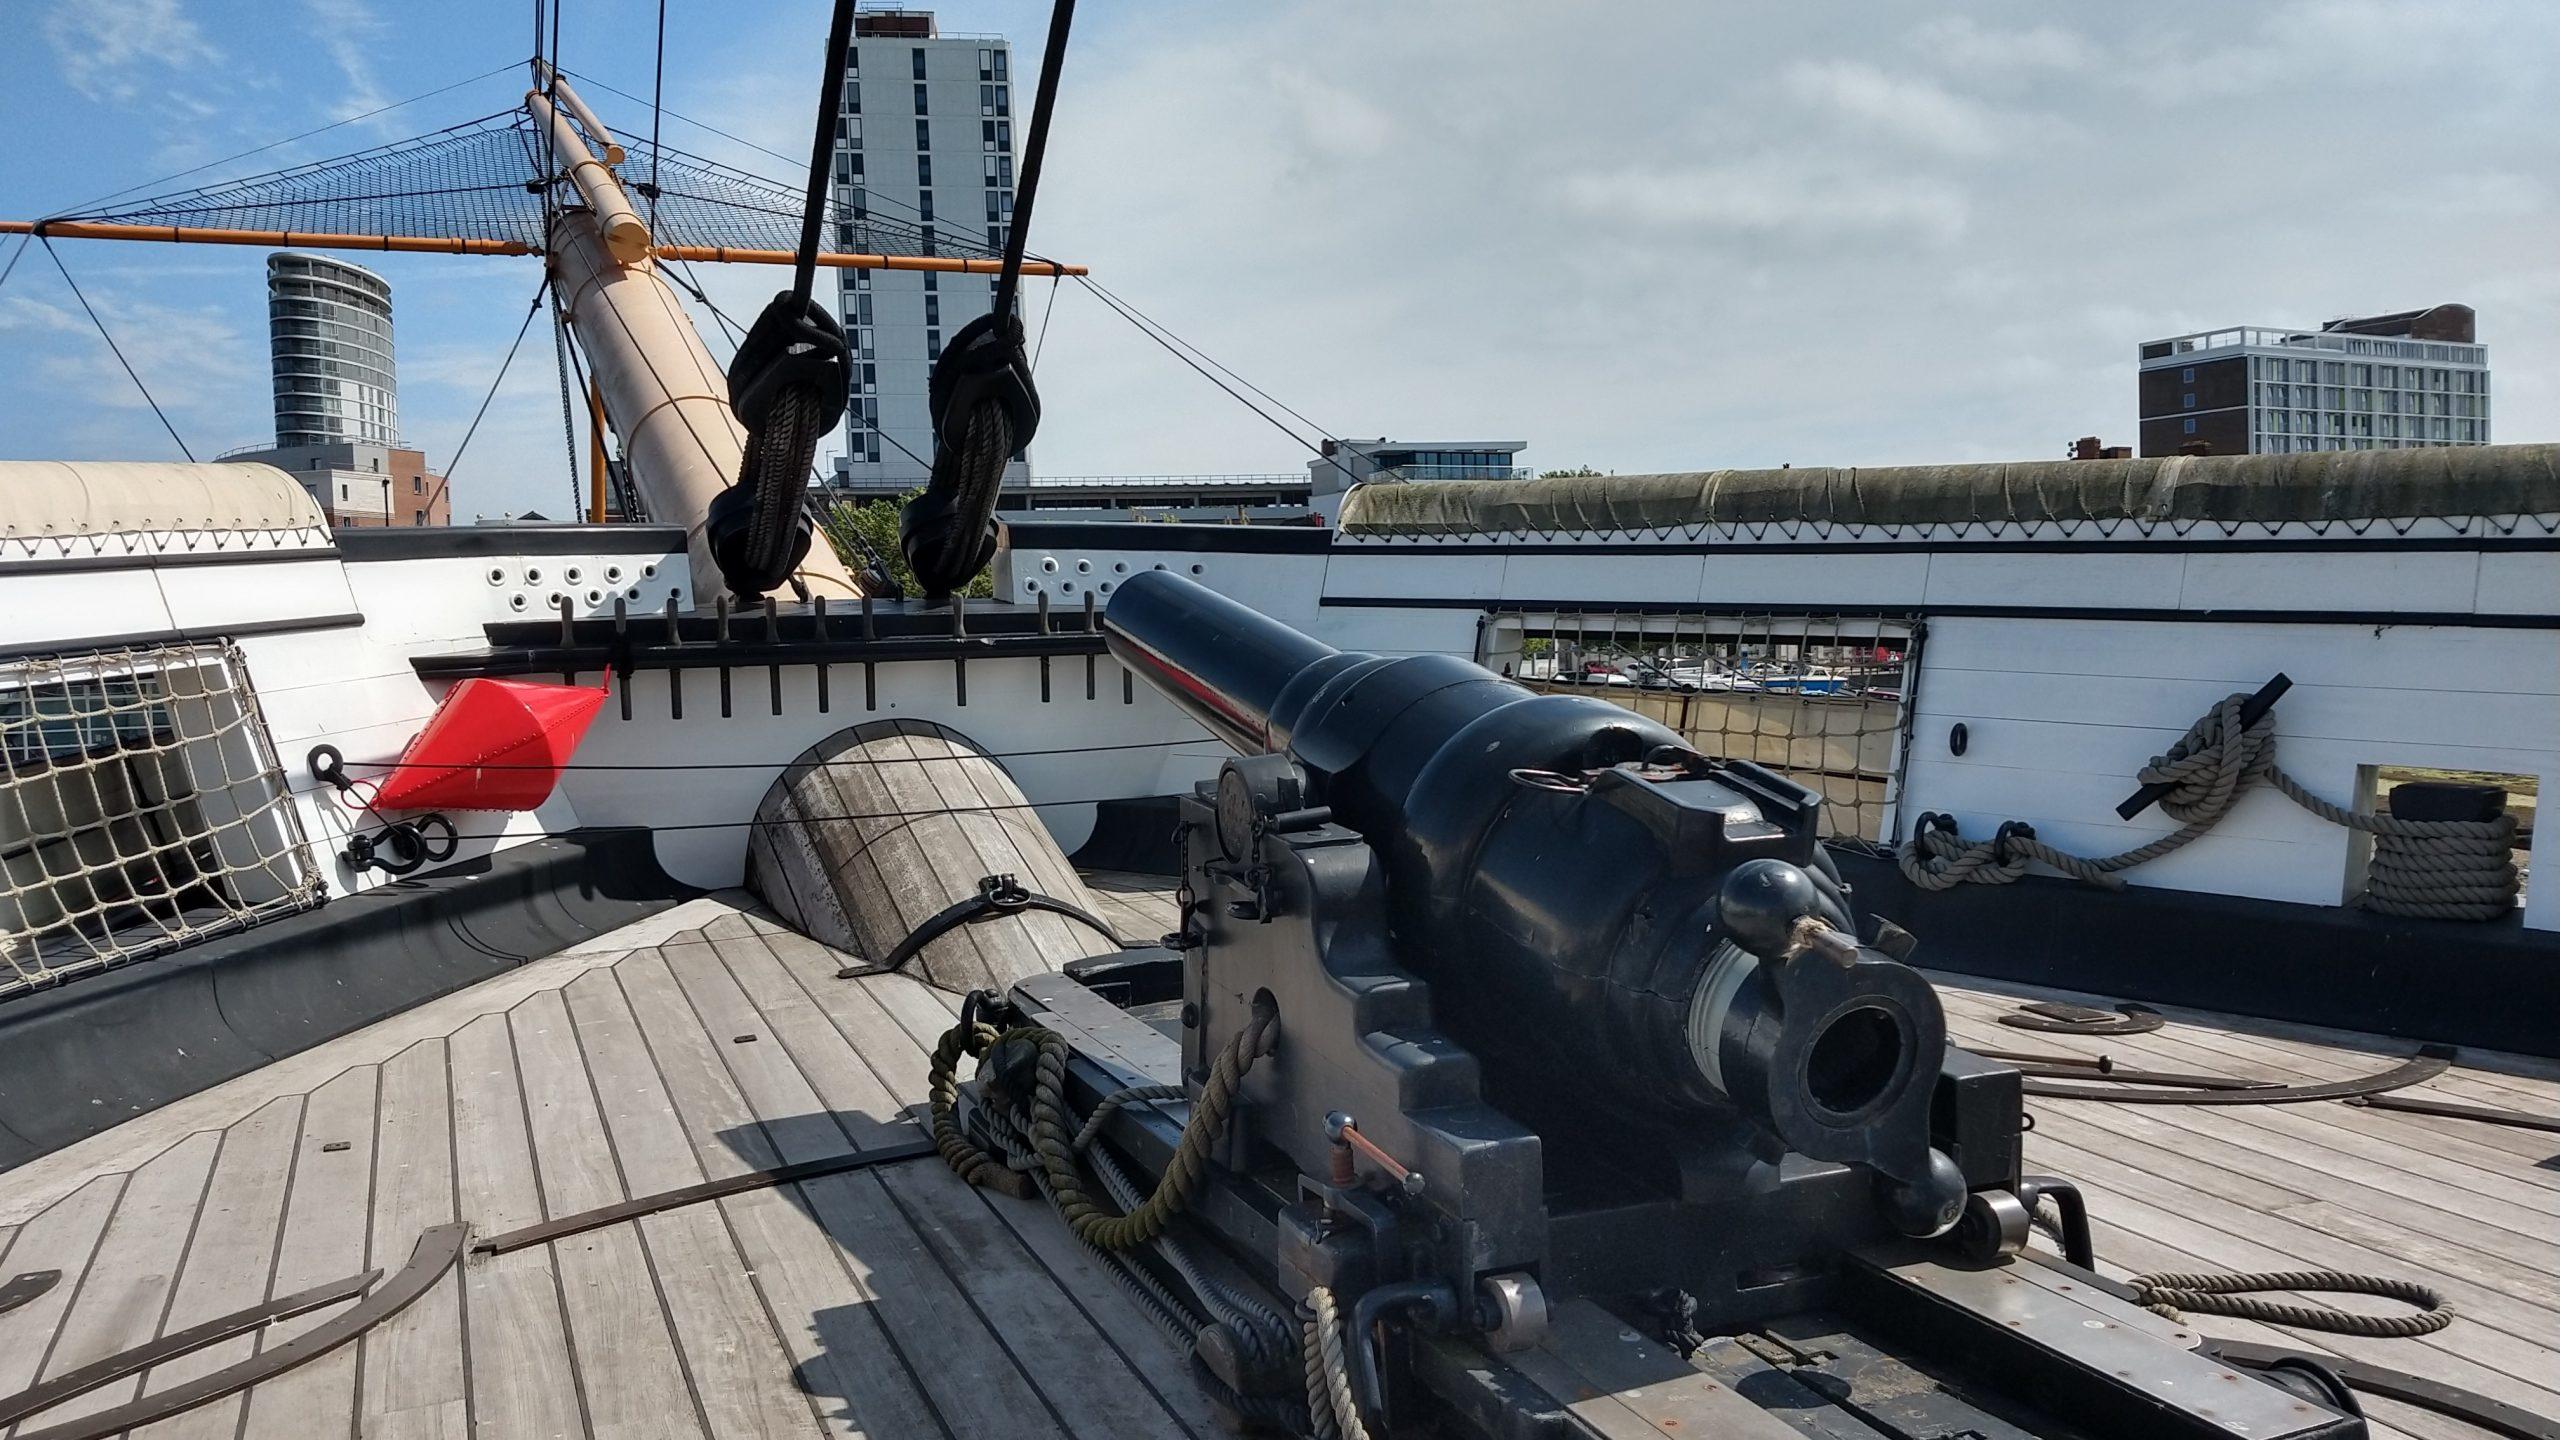 HMS Warrior, Portsmouth Historic Dockyard, museum